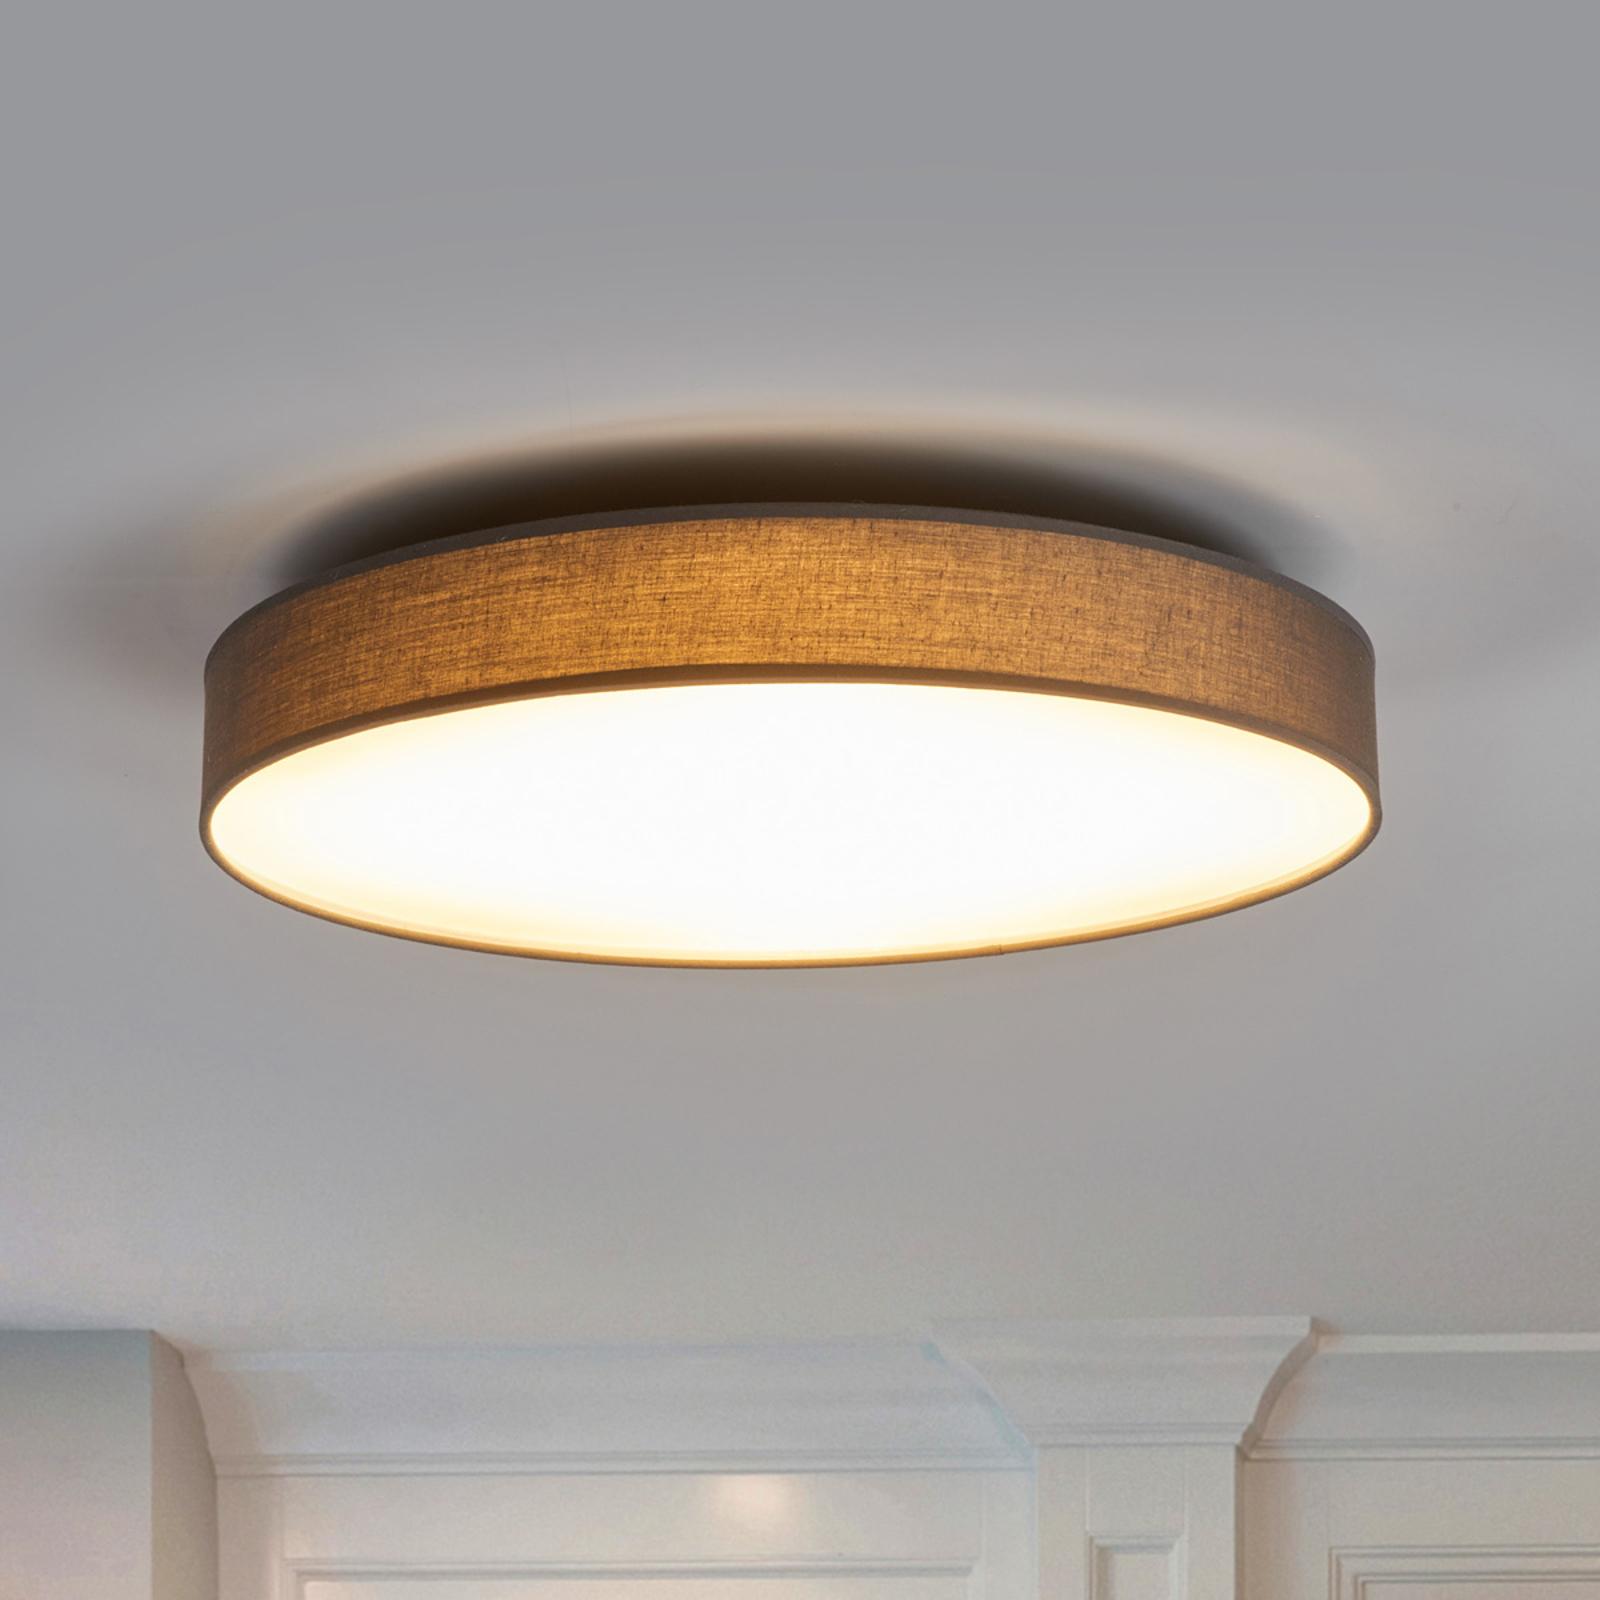 Saira LED-loftlampe med stof, 50 cm, grå